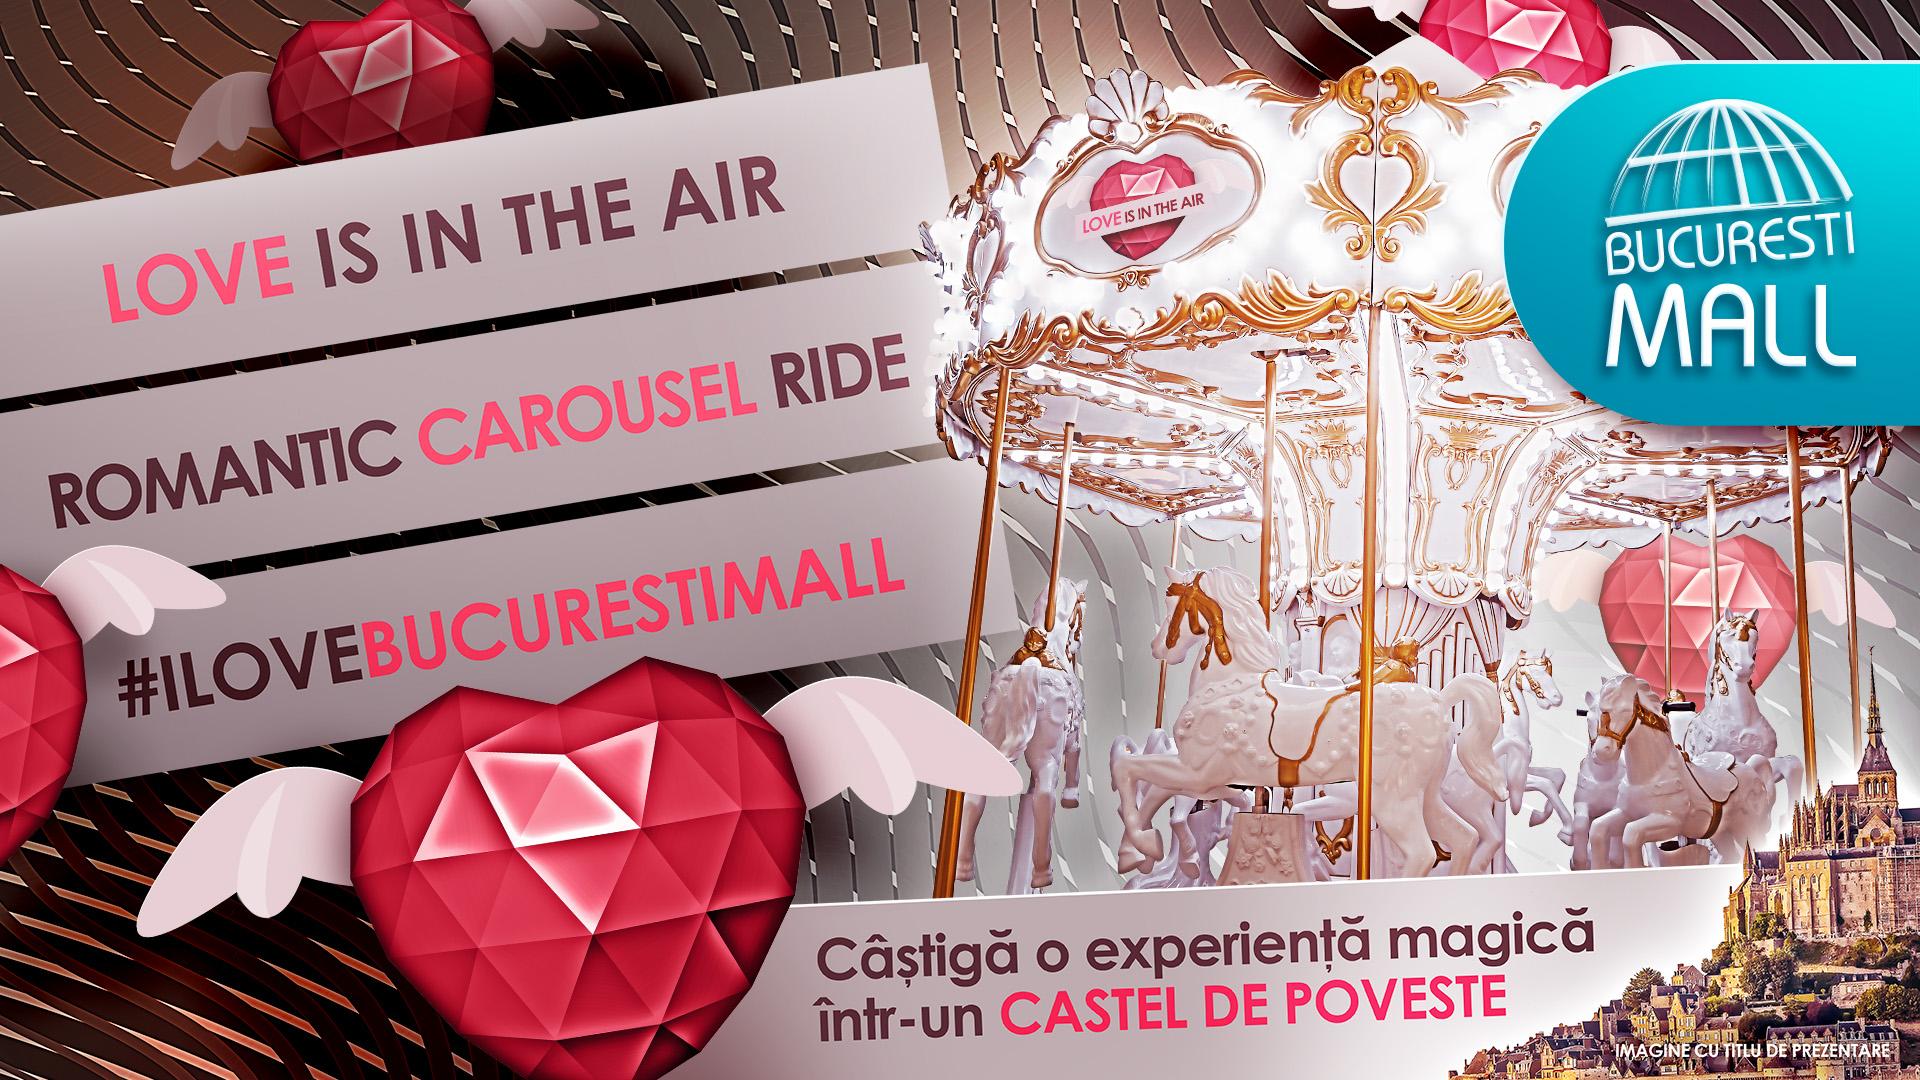 La Bucuresti Mall - Vitan, Love is in the air in toata luna februarie